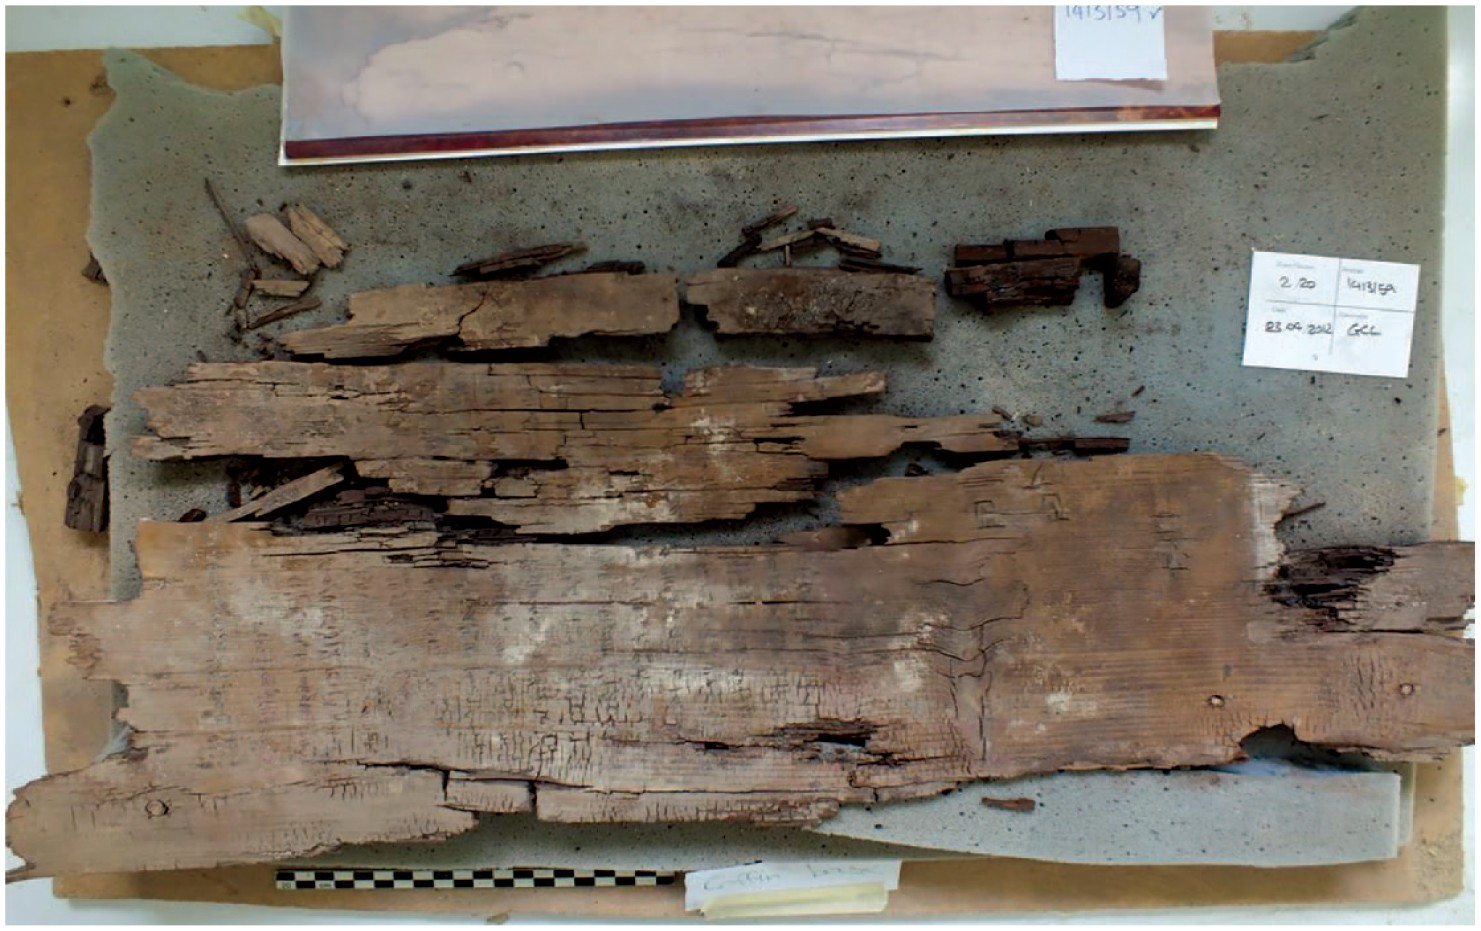 Livro egípcio de 4 mil anos que 'guiava almas ao submundo' é encontrado. Registro foi feito em tábua de cedro (Foto: Harco Willems/Journal of Egyptian Archaeology)